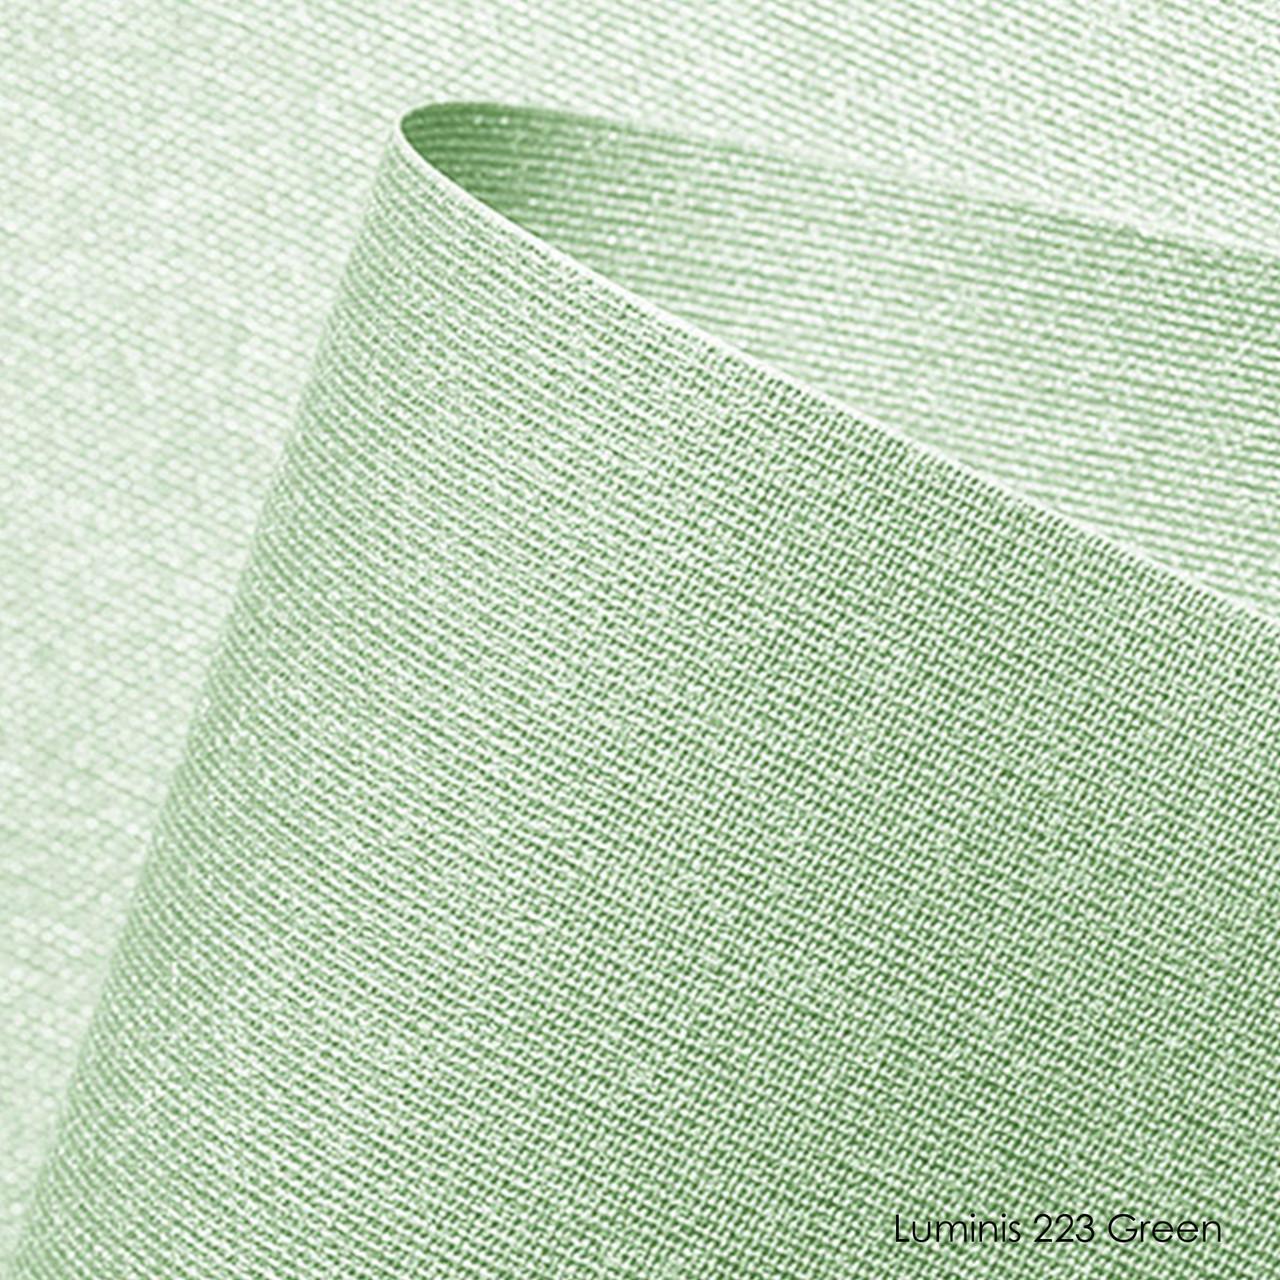 Luminis-223 green